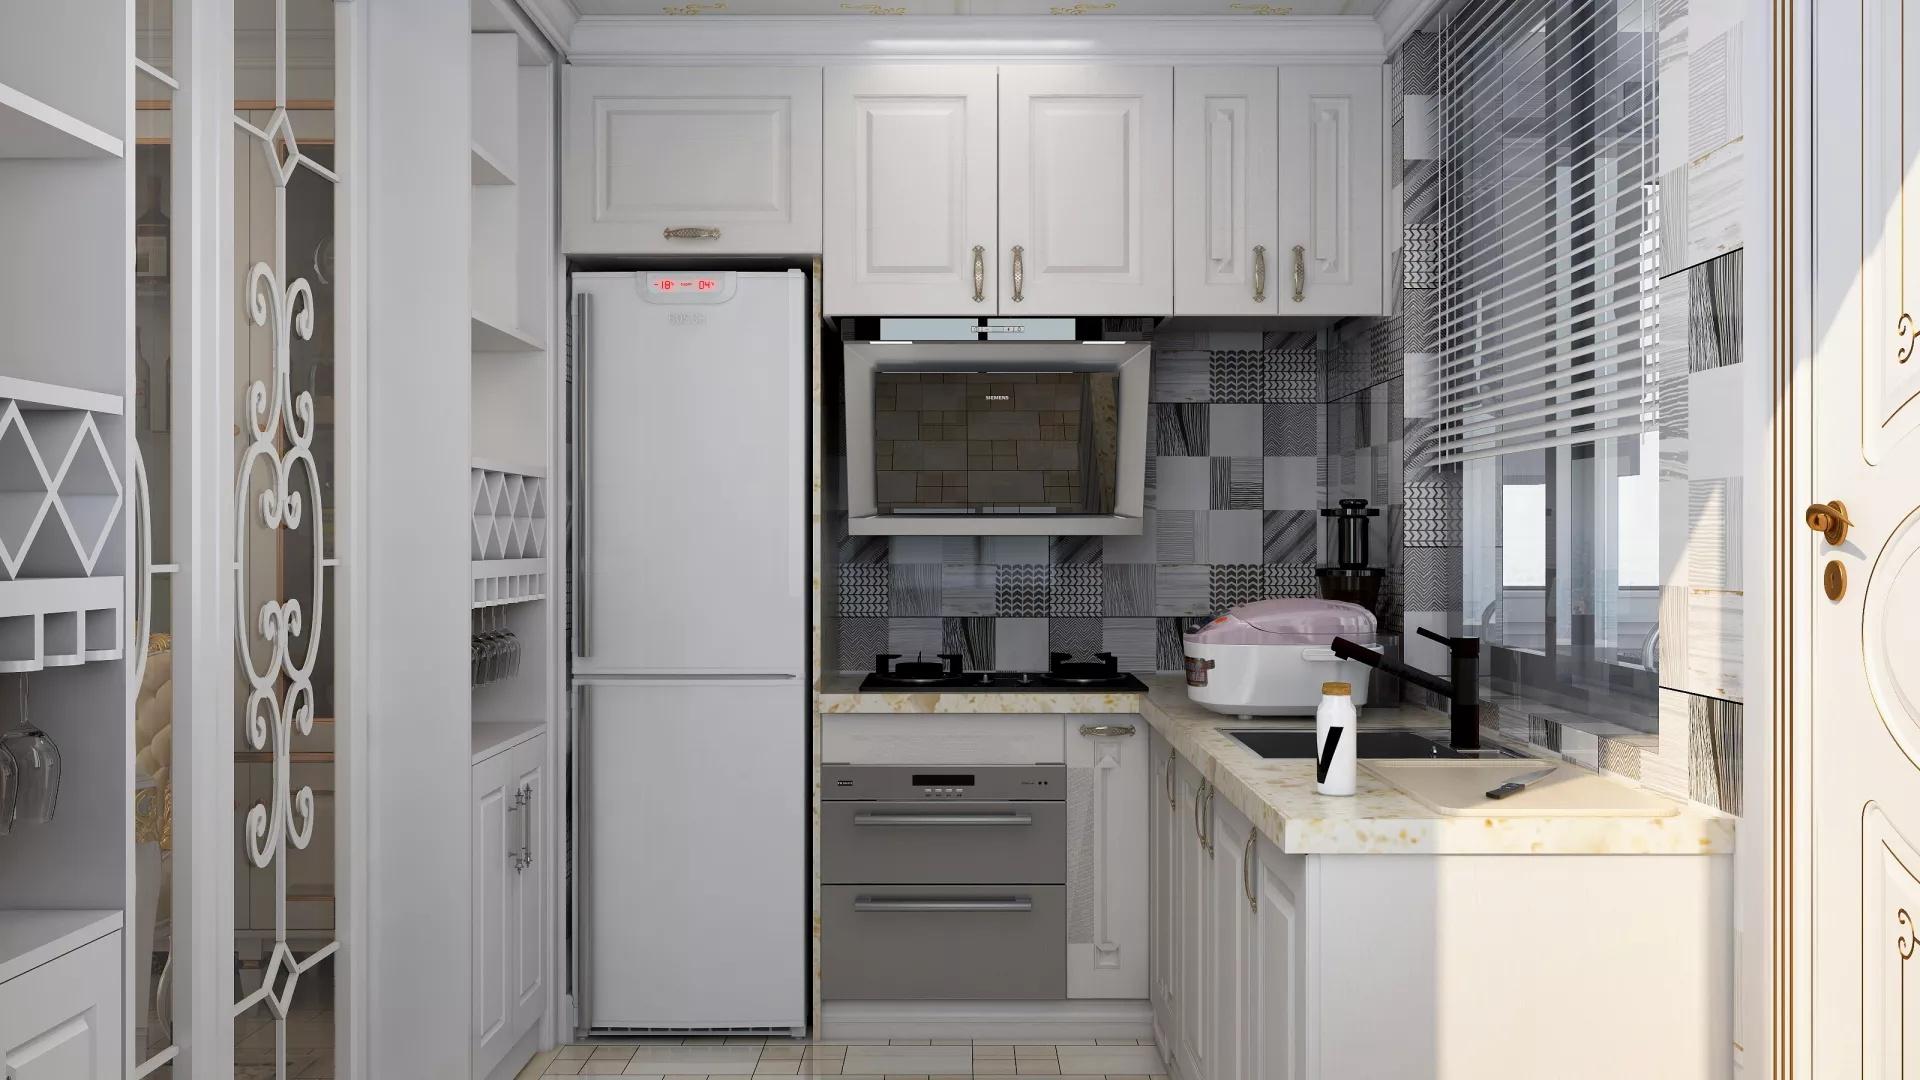 门厅,楼梯,跃层装修,简约风格,简洁,白色